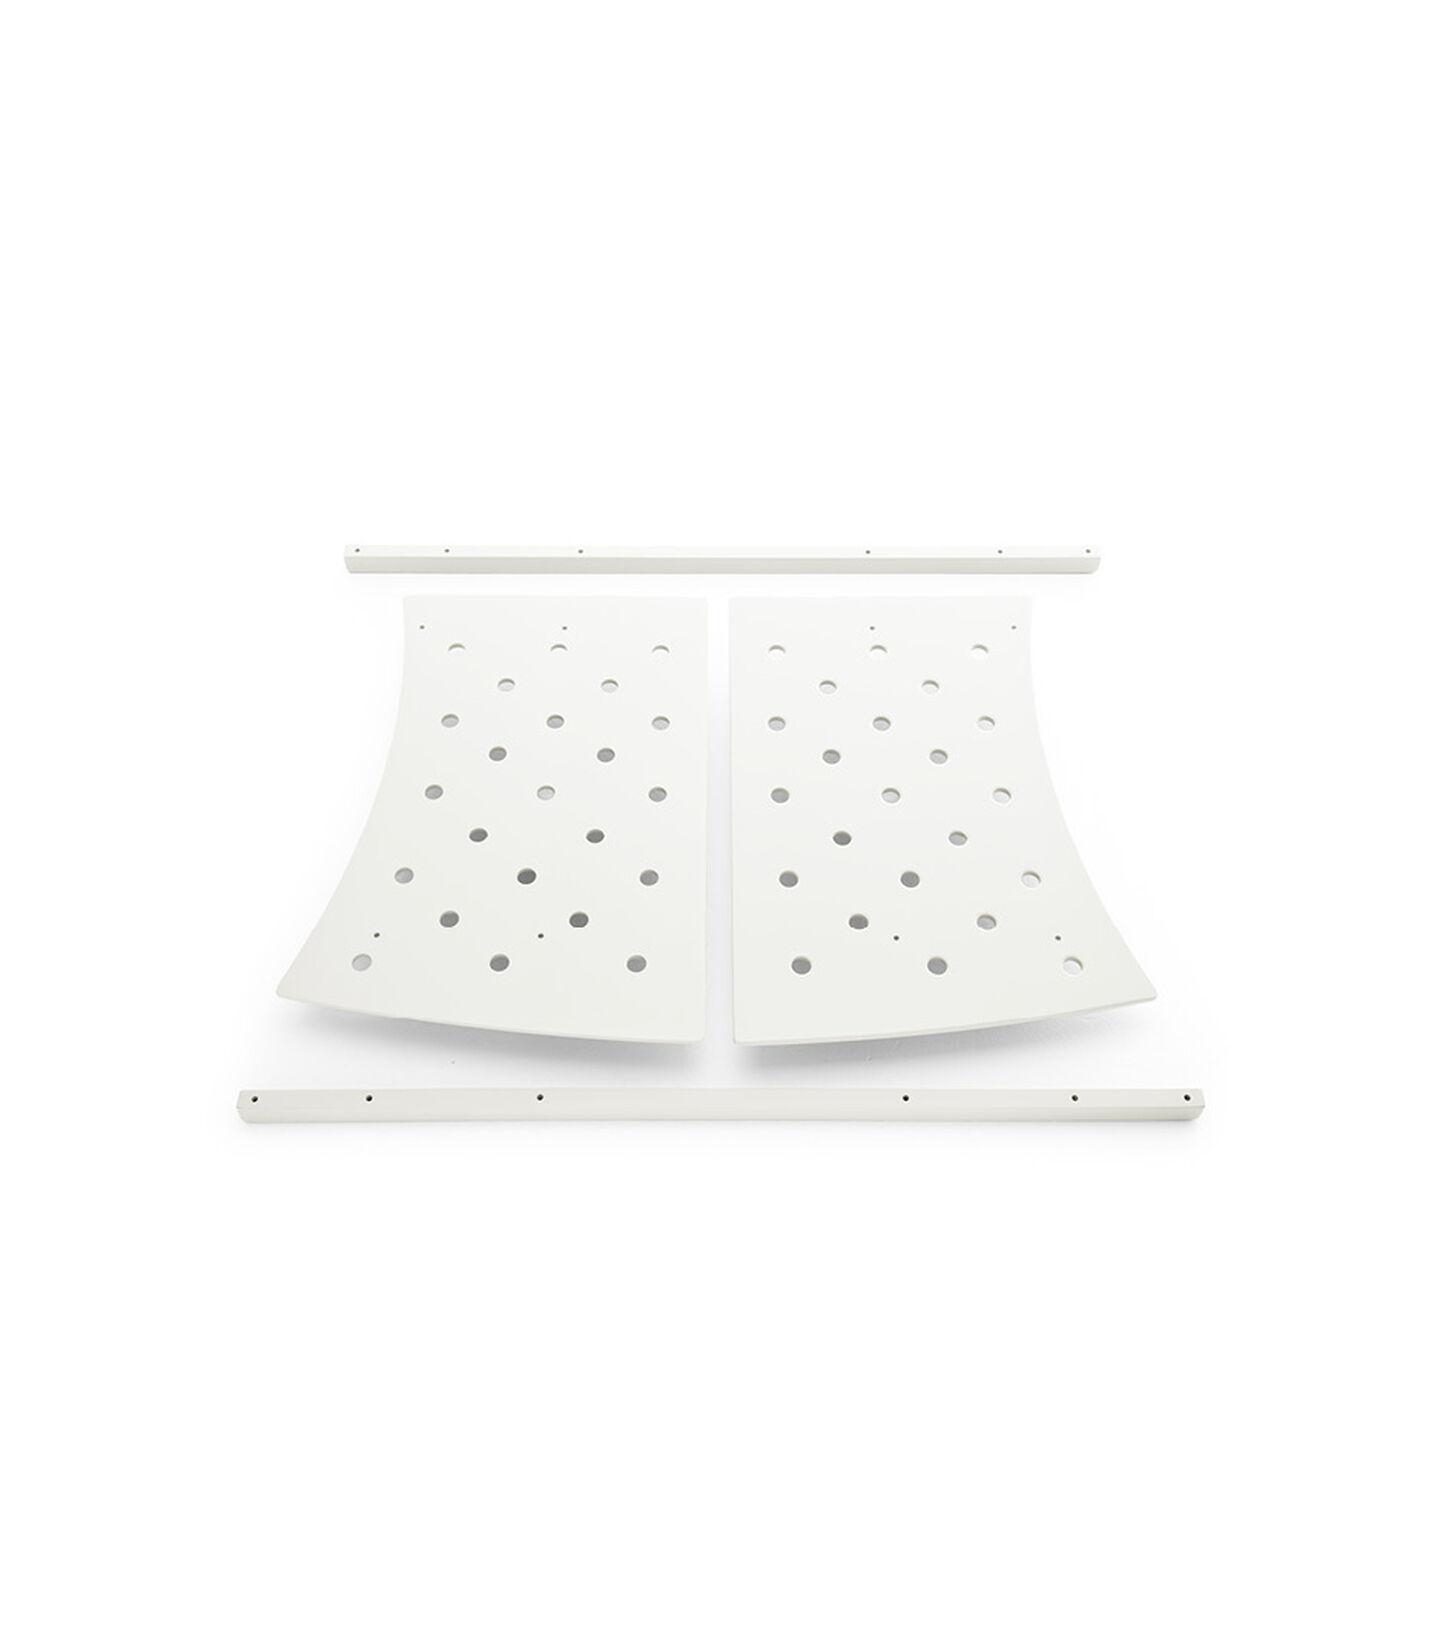 Stokke® Sleepi™ Junior Påbyggingssett White, White, mainview view 2